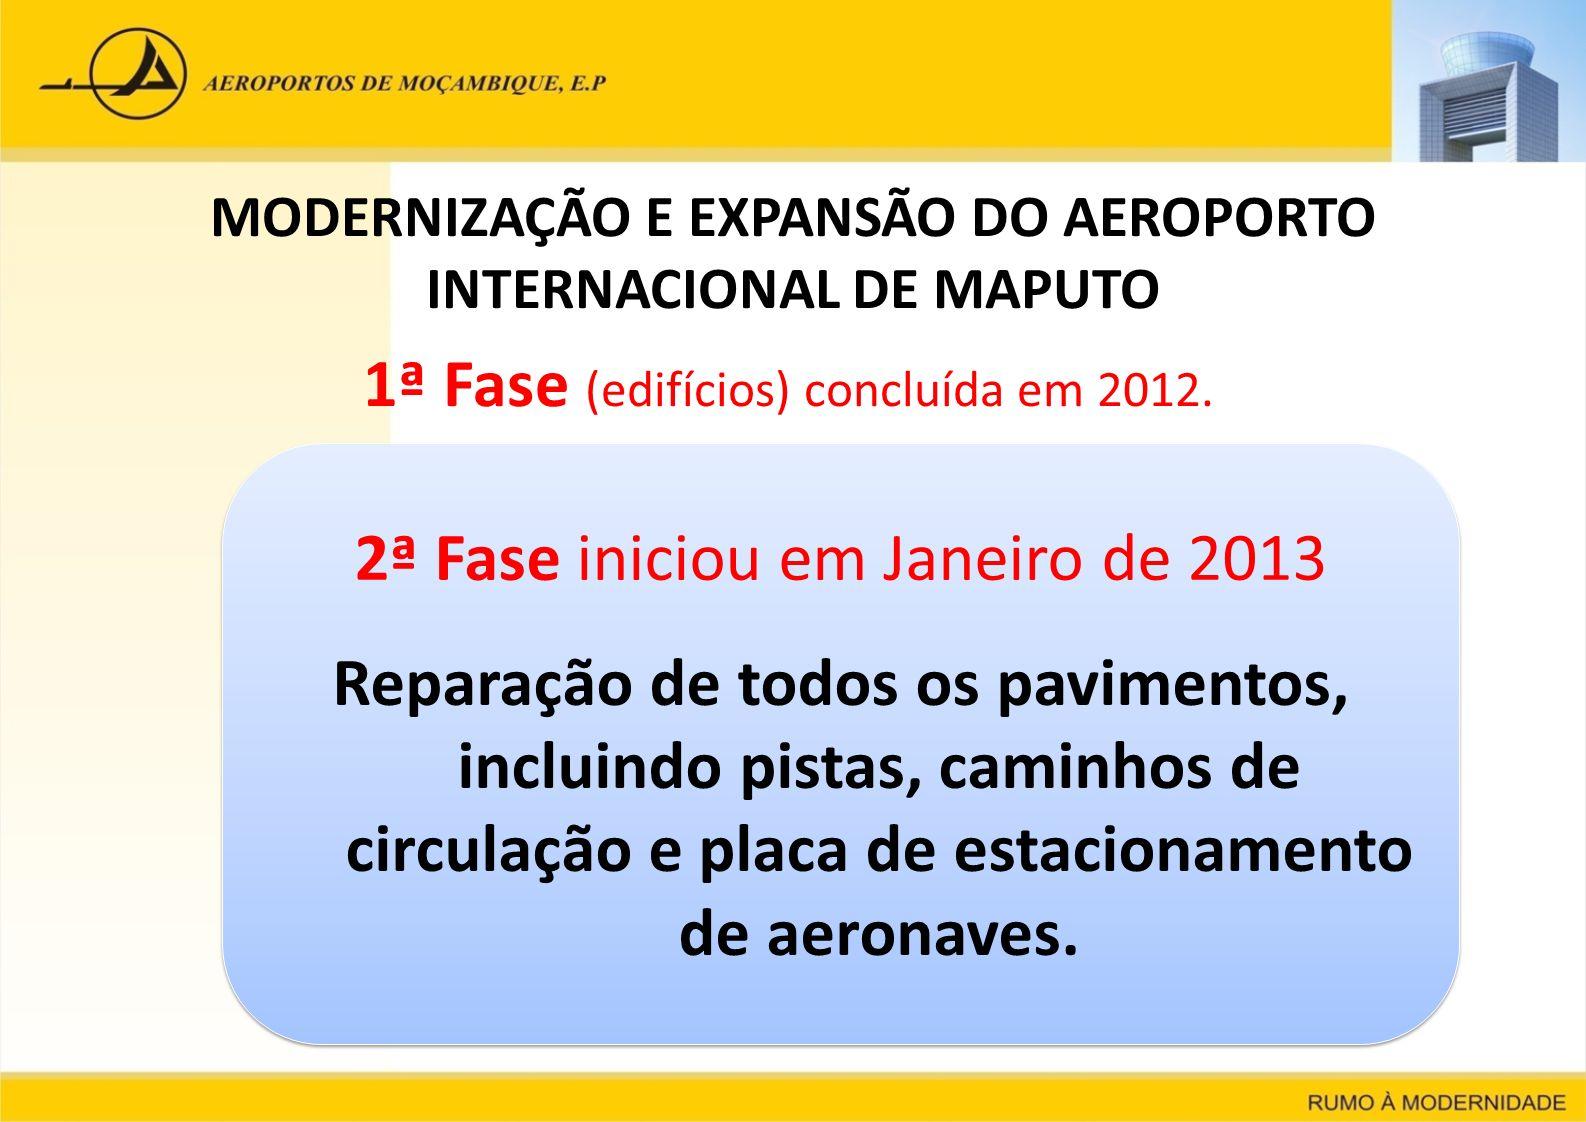 MODERNIZAÇÃO E EXPANSÃO DO AEROPORTO INTERNACIONAL DE MAPUTO